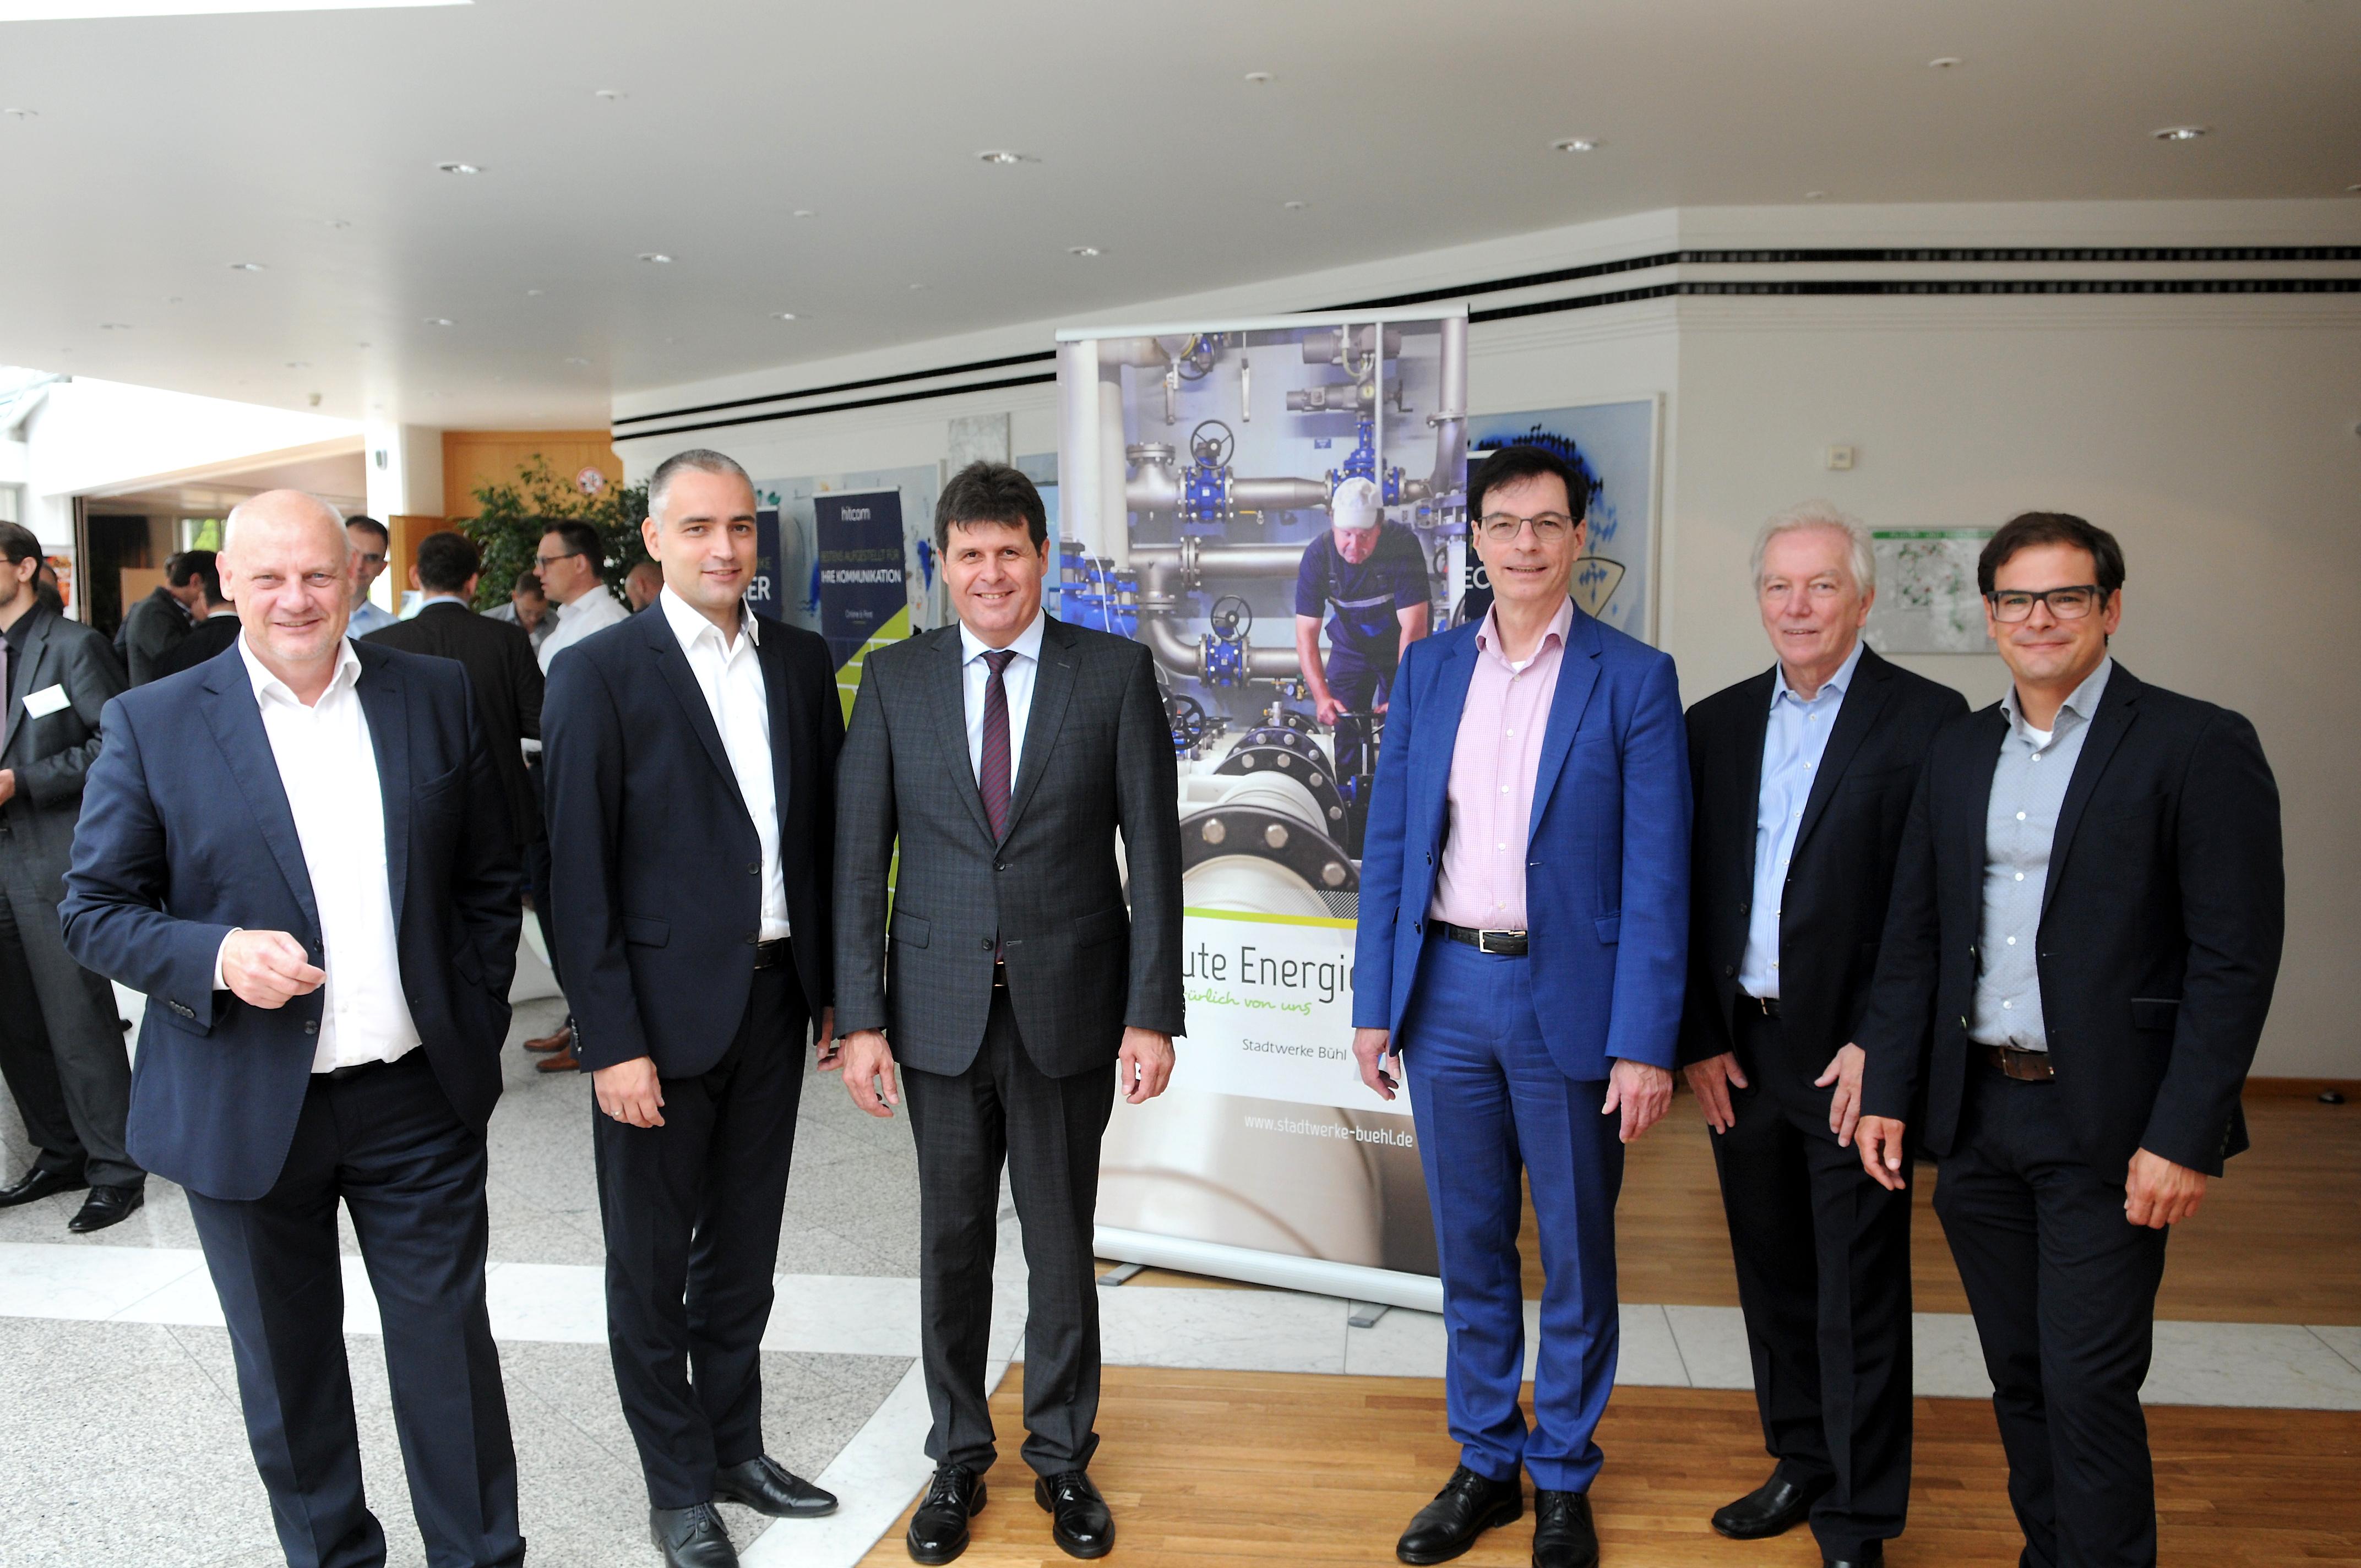 Rüdiger Höche,Dr. Stefan Röder, Reiner Liebich,Michael Wübbels, Michael Steffens, Kurt Vetten